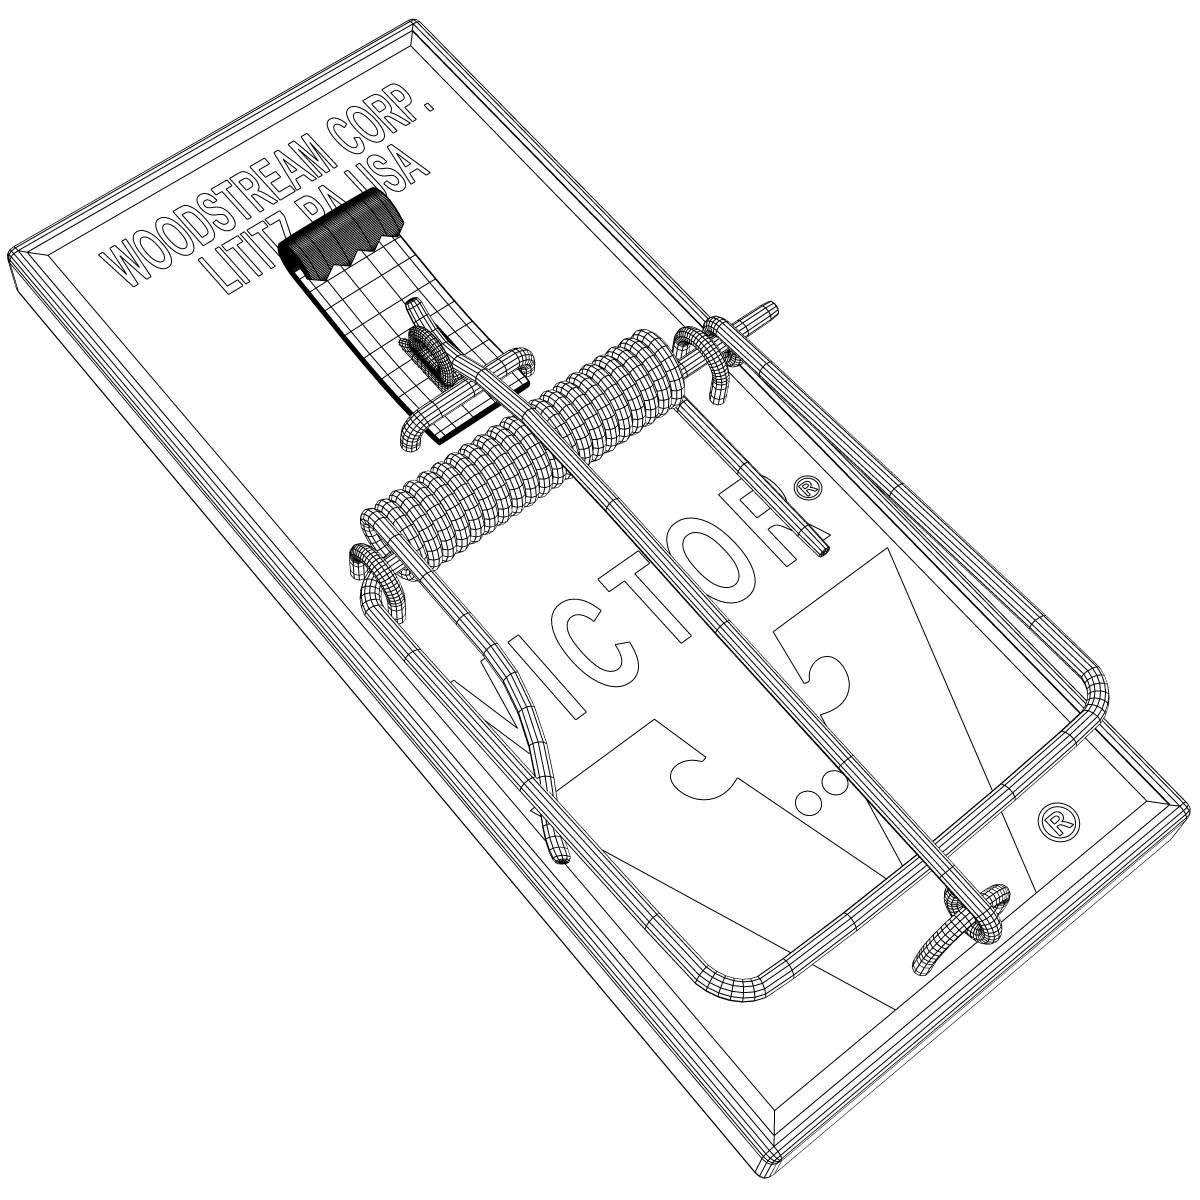 Mouse Trap 3d Model X Obj 3ds Wrl Wrz